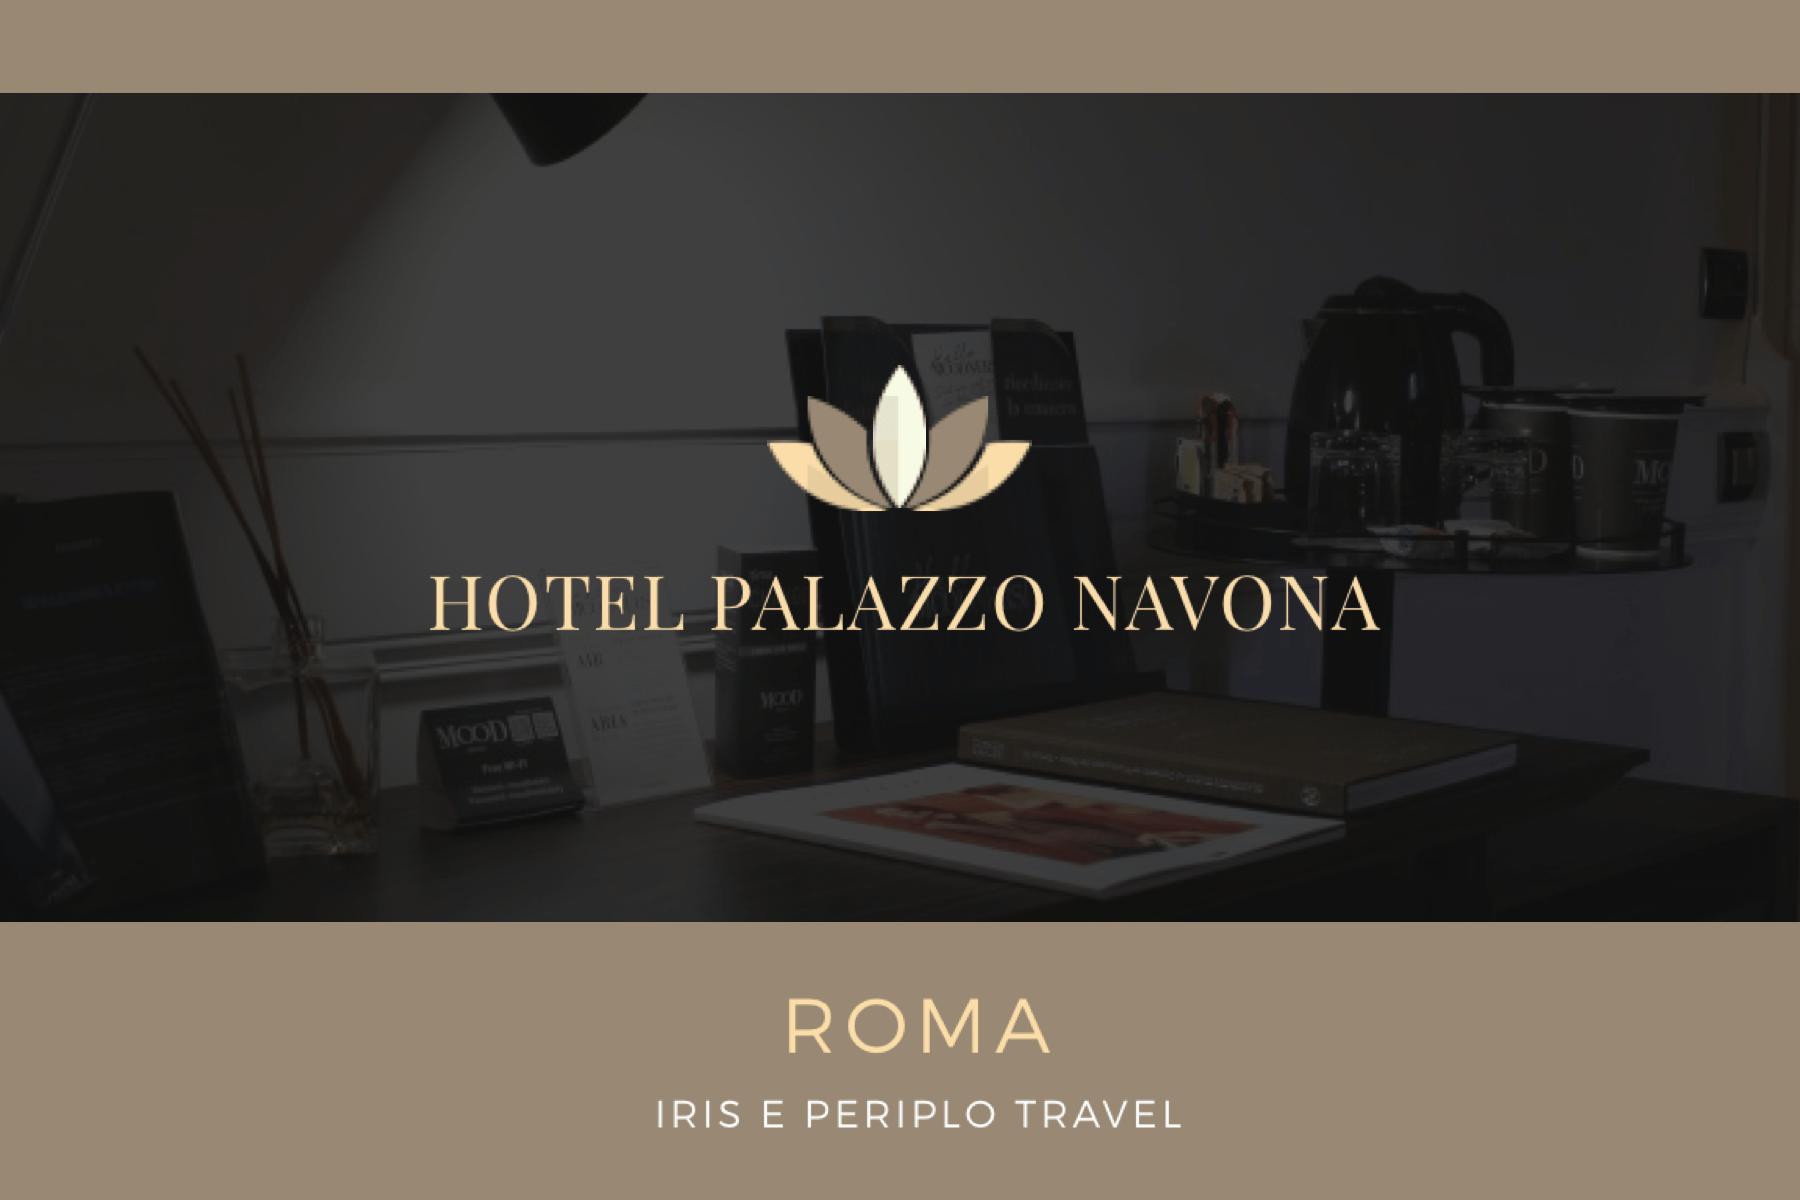 hotel palazzo navona